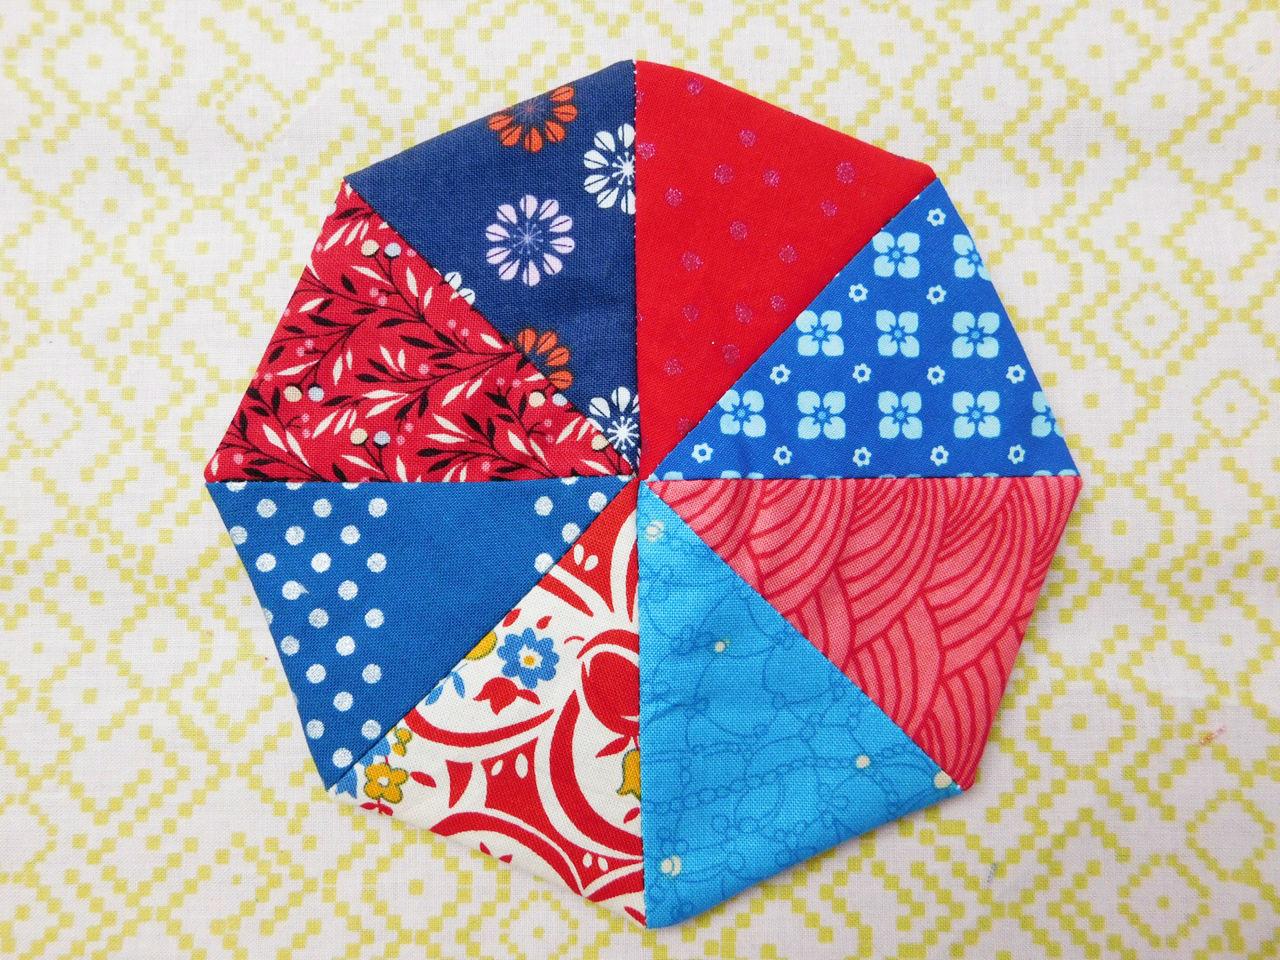 Nadelkissen patchwork step6